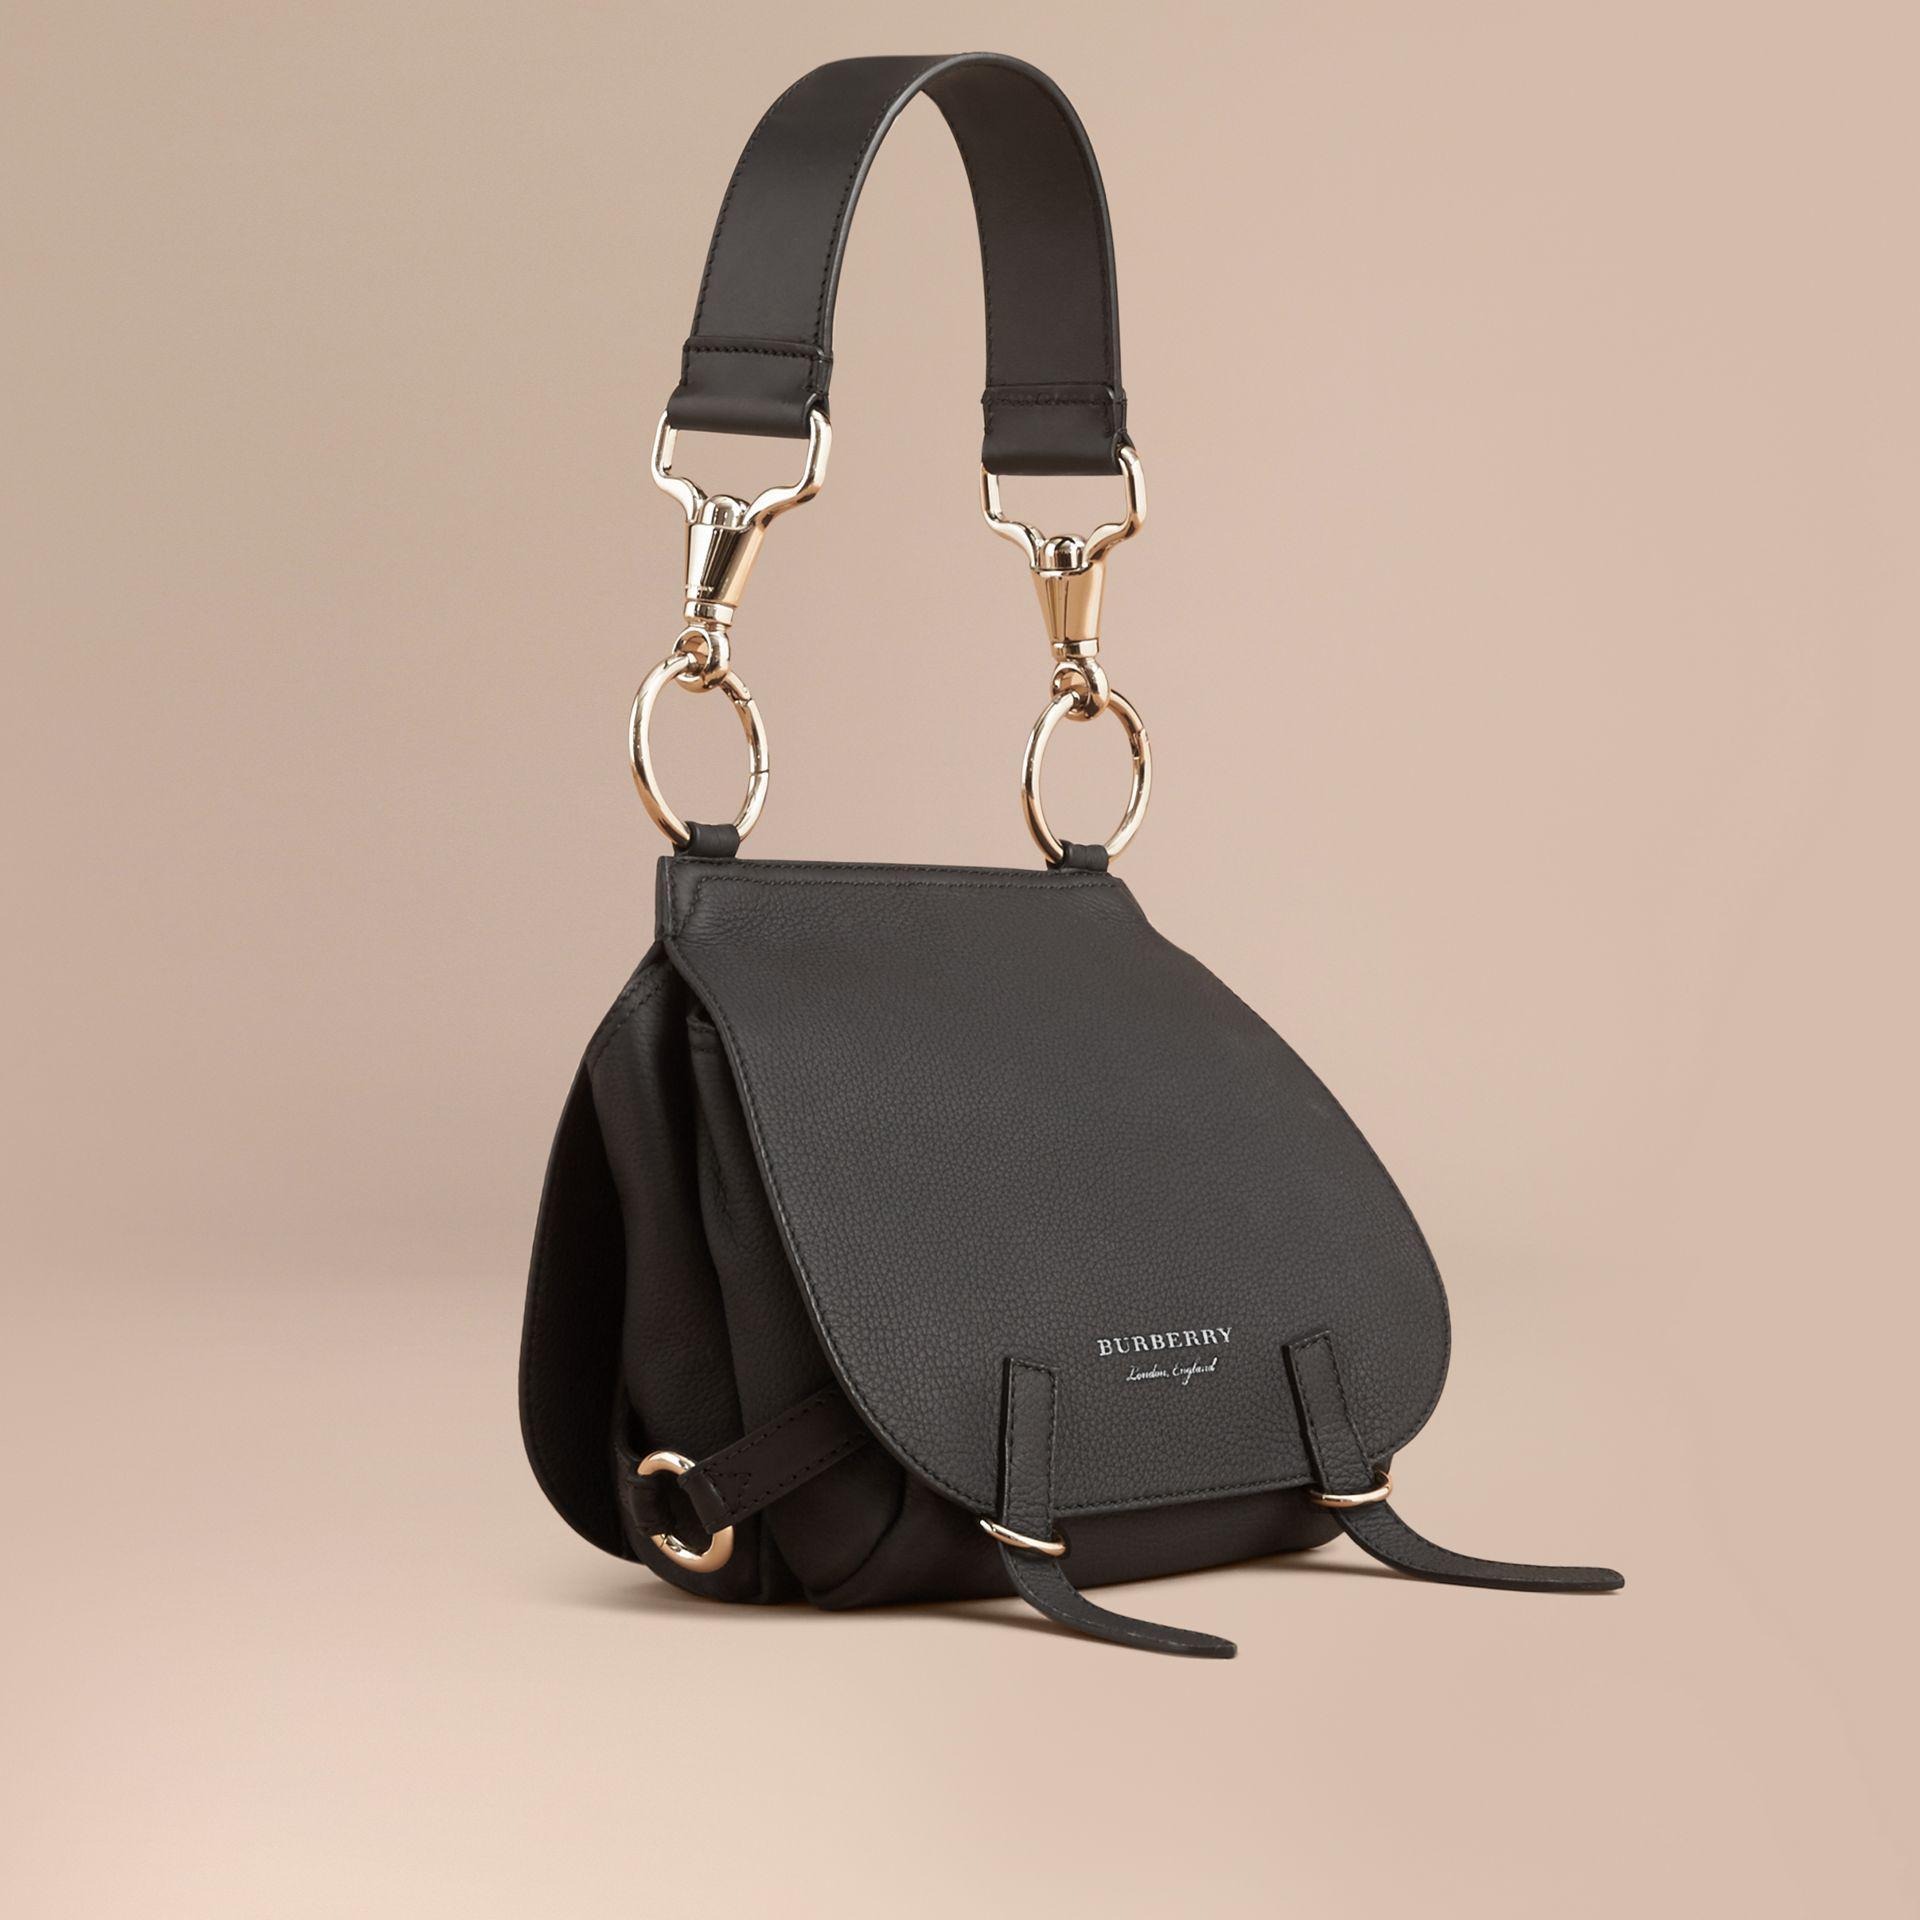 4bd35befb6cd Burberry The Bridle Bag In Deerskin Black in Black - Lyst